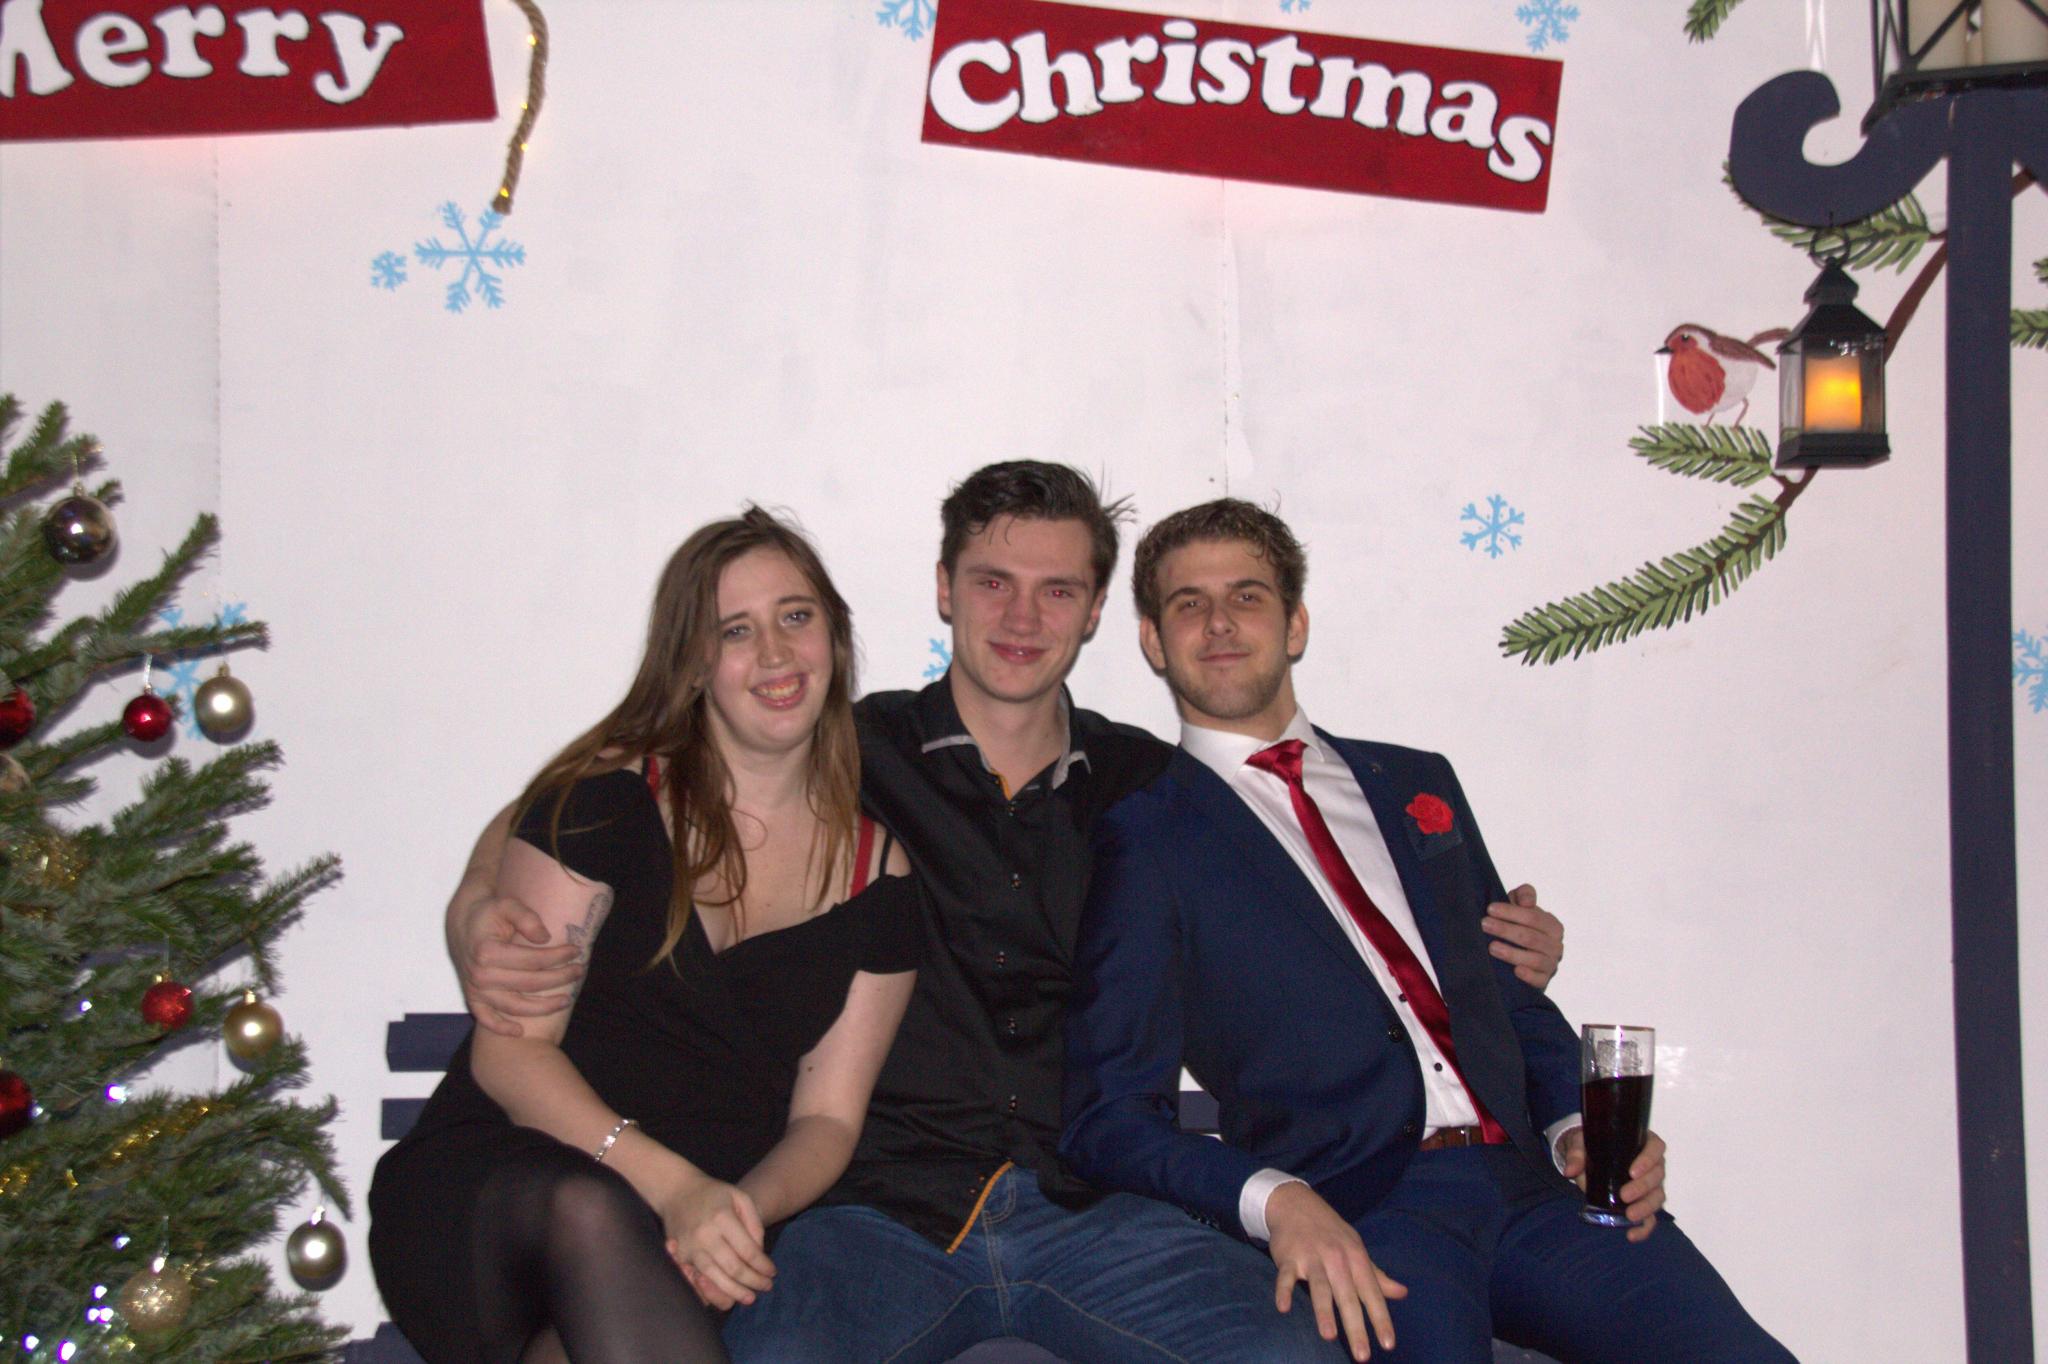 Kerstfeest_233